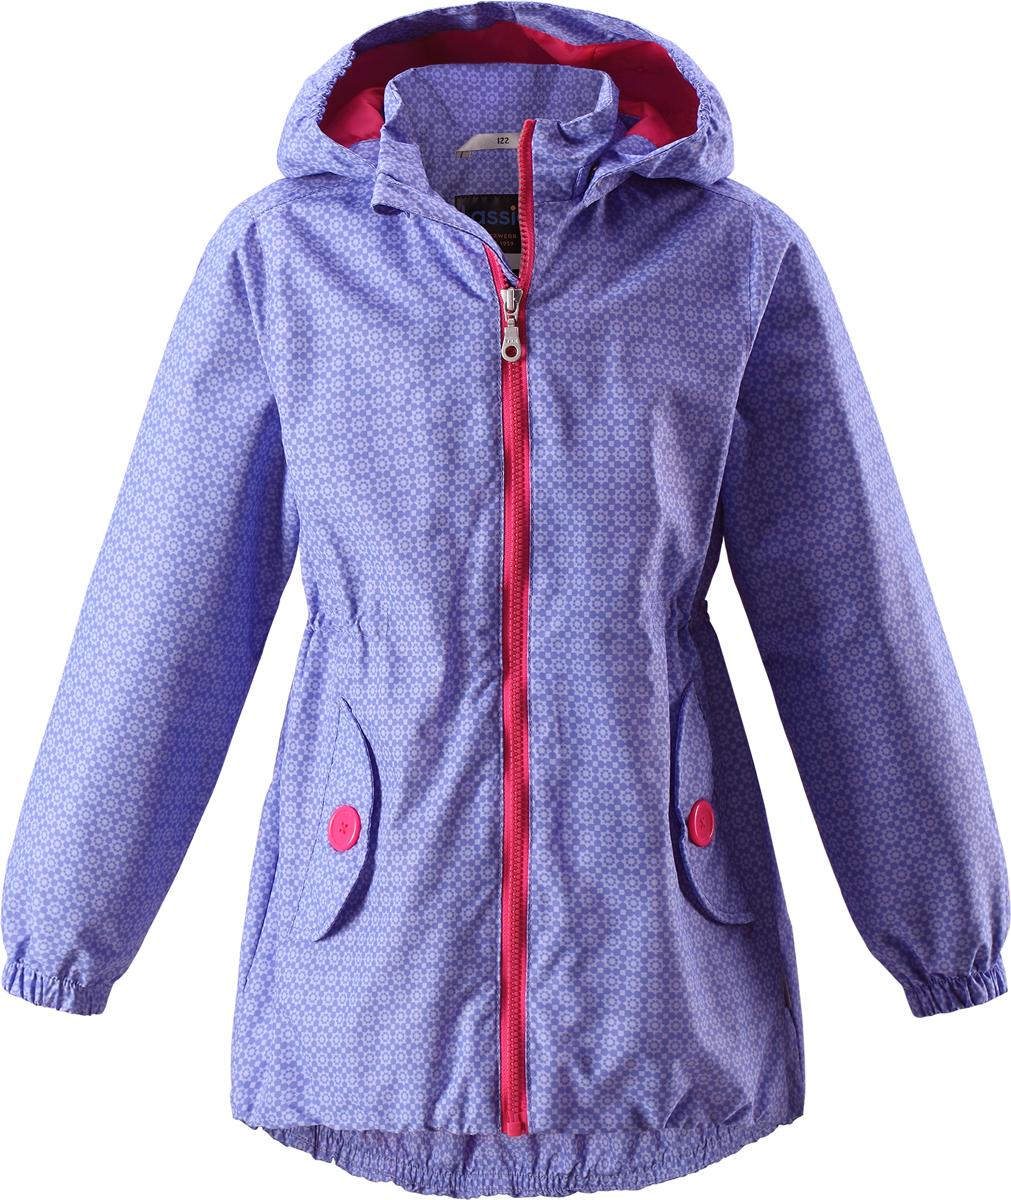 Куртка721706R340Легкая и удобная куртка для девочек на весенне-осенний период. Она изготовлена из водоотталкивающего и ветронепроницаемого материала, но при этом хорошо дышит. Куртка снабжена дышащей и приятной на ощупь сетчатой подкладкой, которая облегчает надевание. Съемный капюшон обеспечивает защиту от холодного ветра, а также безопасен во время игр на свежем воздухе! Благодаря эластичной талии и эластичному подолу эта удлиненная модель для девочек отлично сидит по фигуре. Снабжена множеством продуманных деталей, например двумя карманами с клапанами, эластичными манжетами и молнией во всю длину с защитой для подбородка.